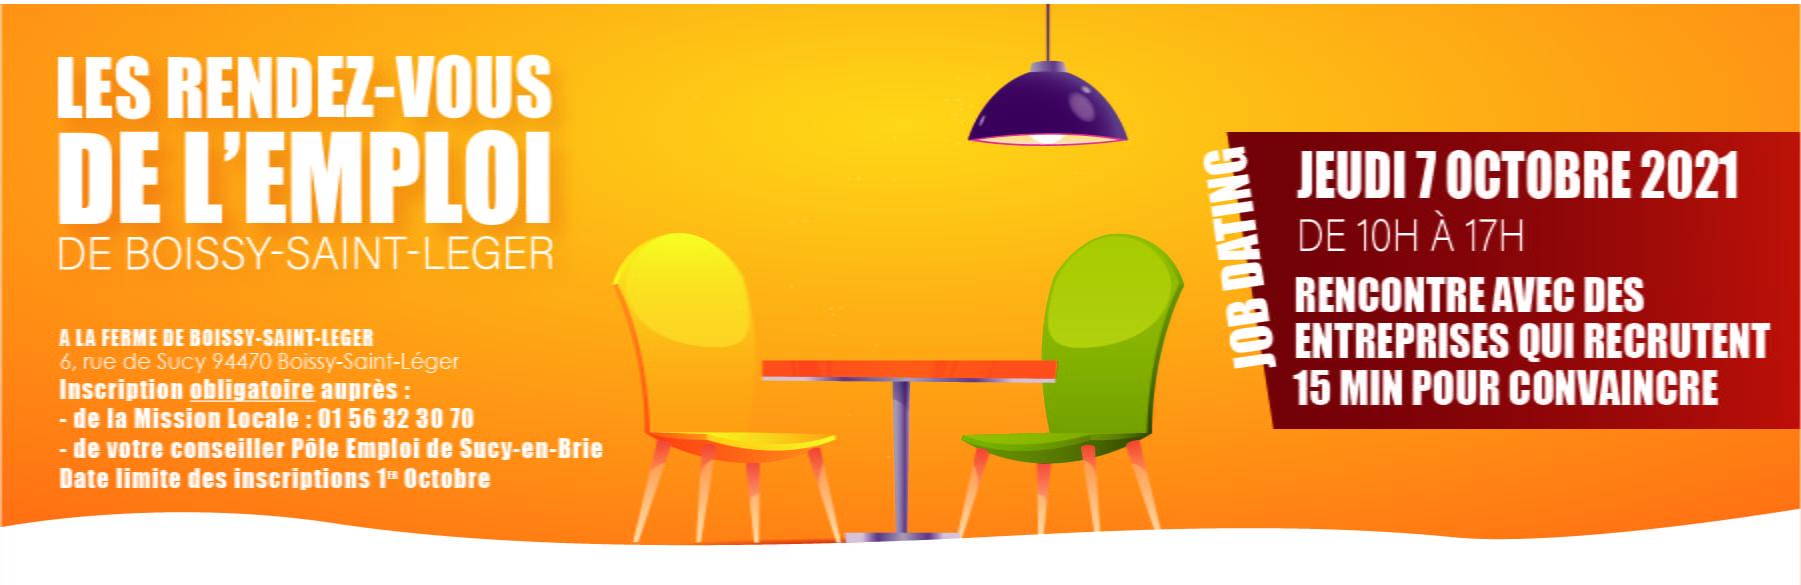 Read more about the article Jeudi 7 octobre 2021 de 10h à 17h, participez au JOB DATING à la ferme de Boissy-Saint-Léger – 6 rue de Sucy 94470 Boissy-Saint-Léger